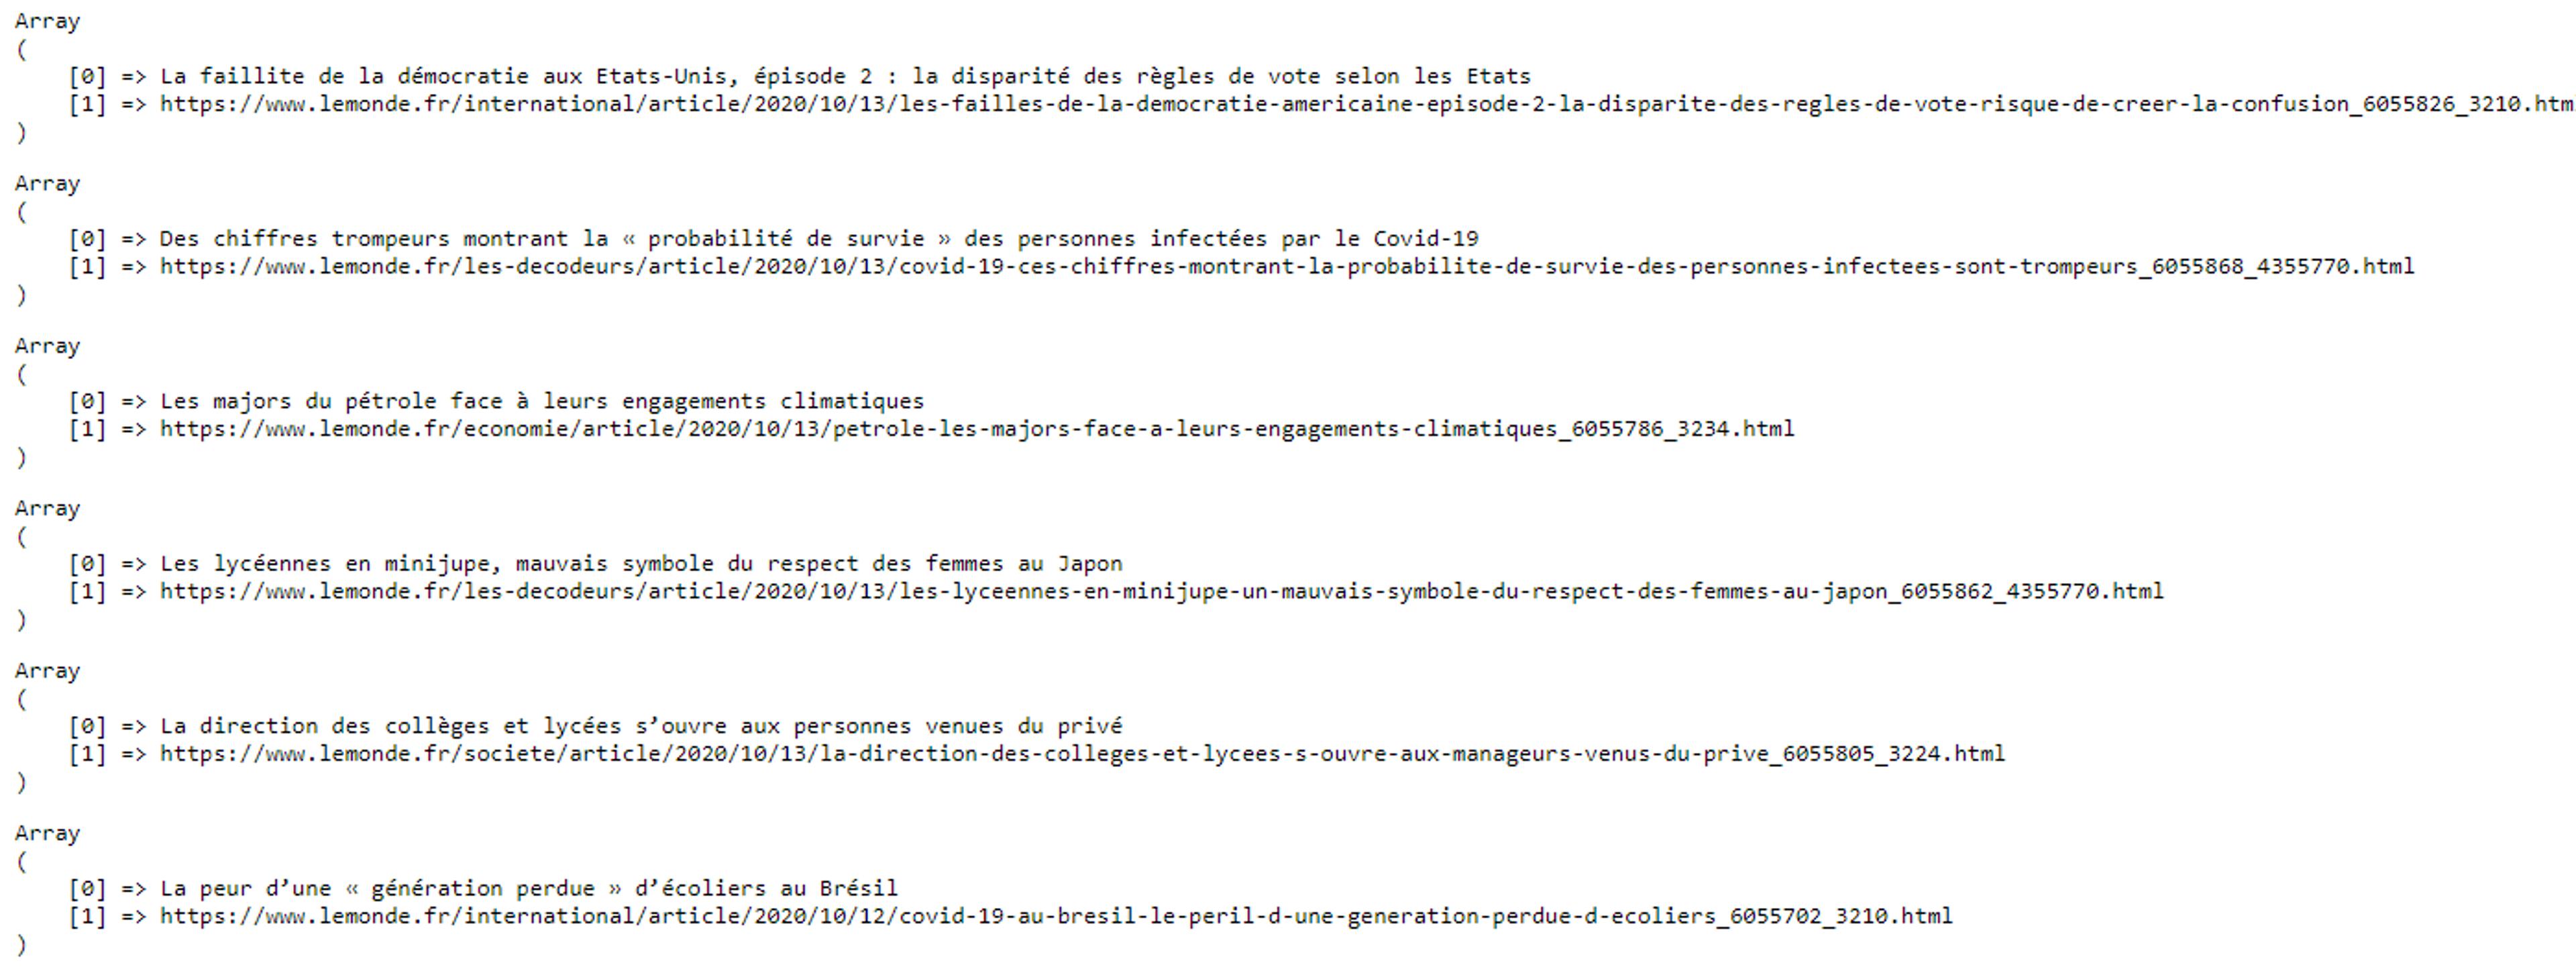 Voici les résultats des titres et des liens scrapés par notre script php